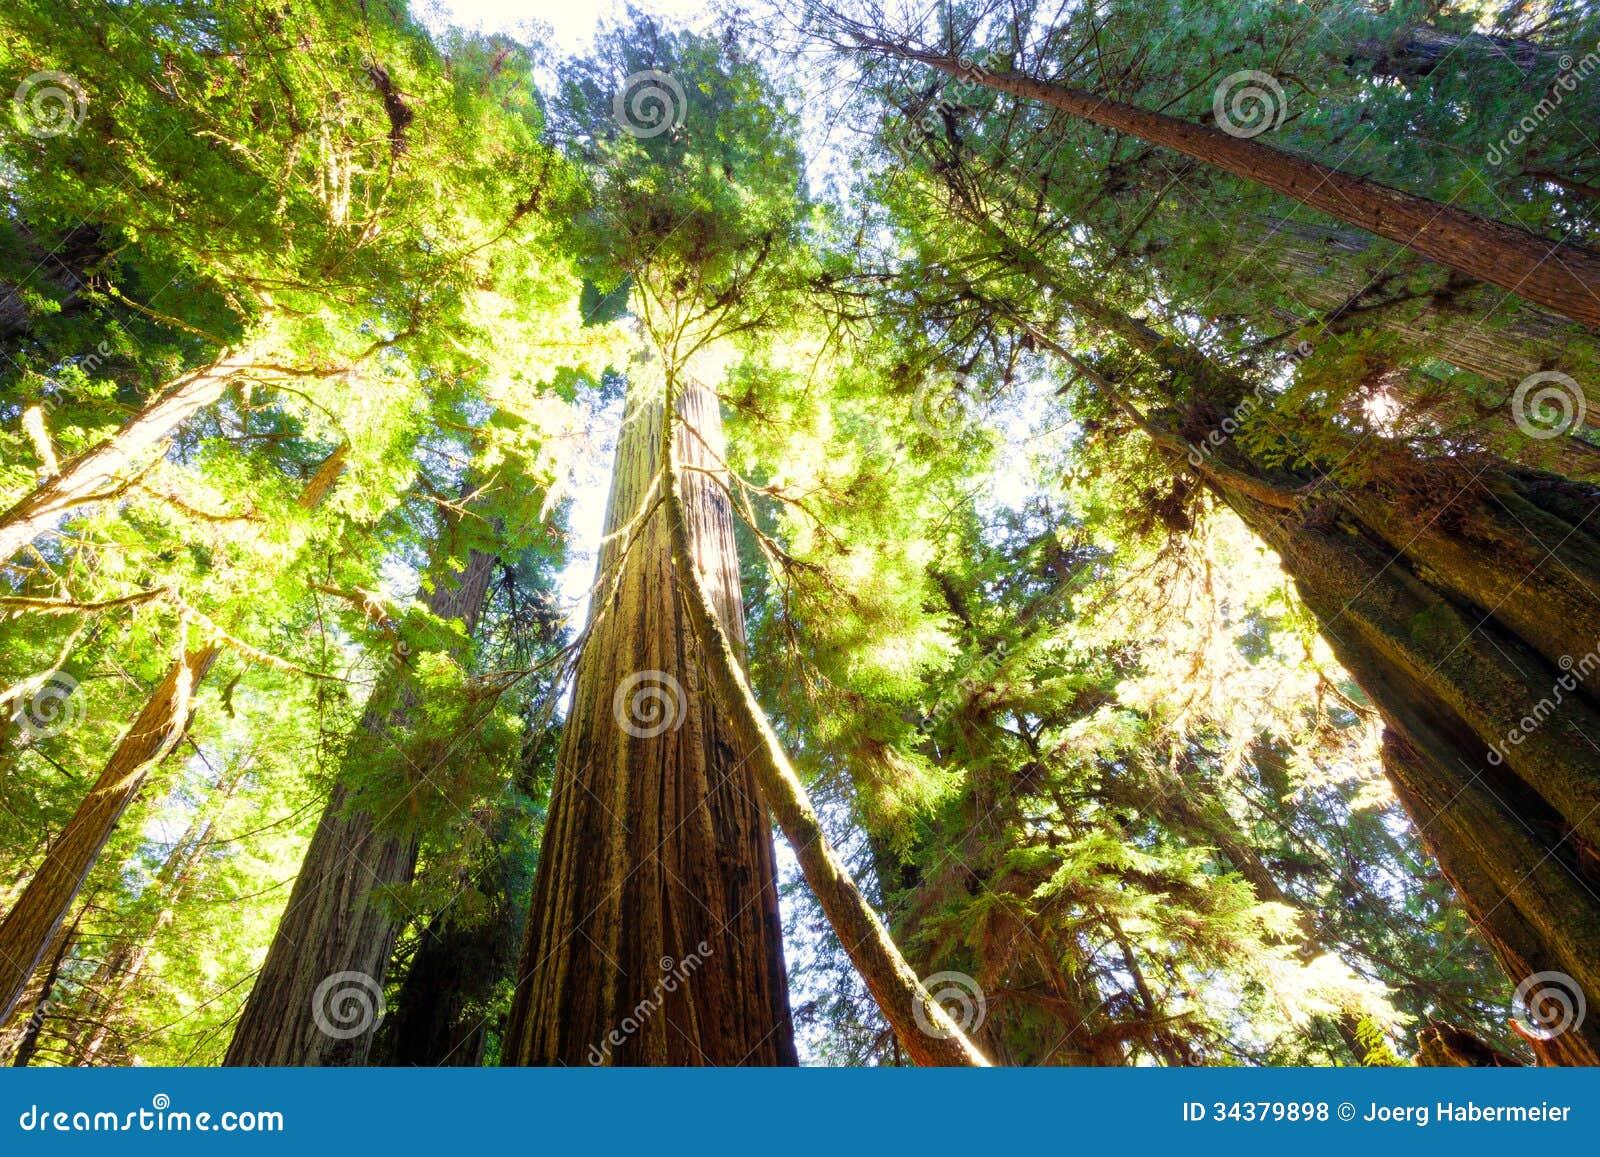 De lange oude bomen van de de groeicalifornische sequoia in zonlicht